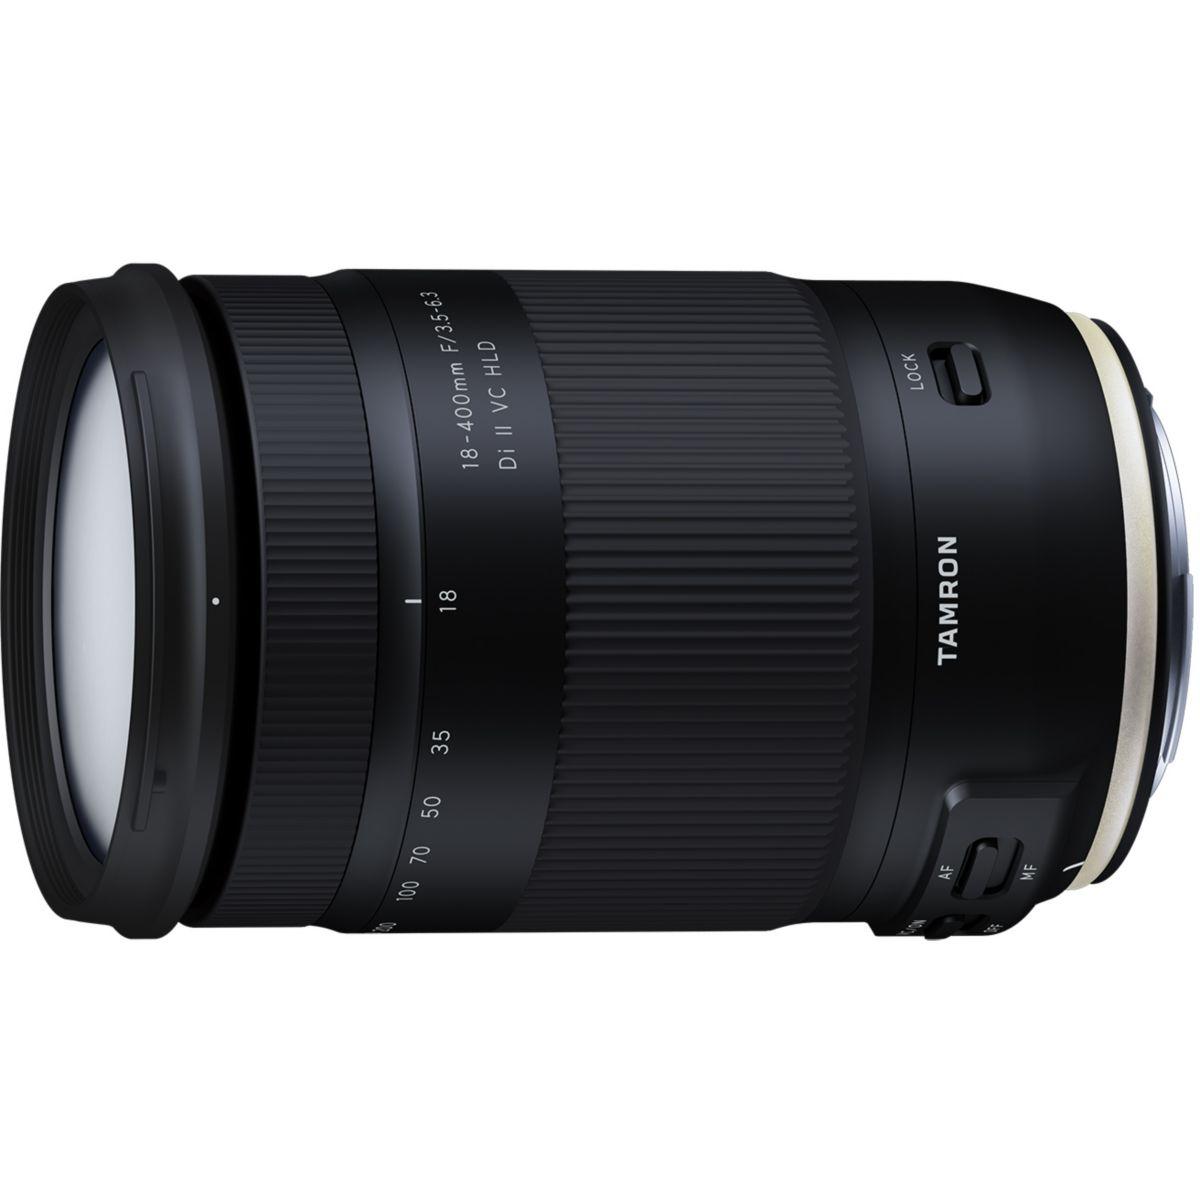 Objectif pour Reflex TAMRON 18-400mm F/3,5-6,3 Di II VC HLD Nikon